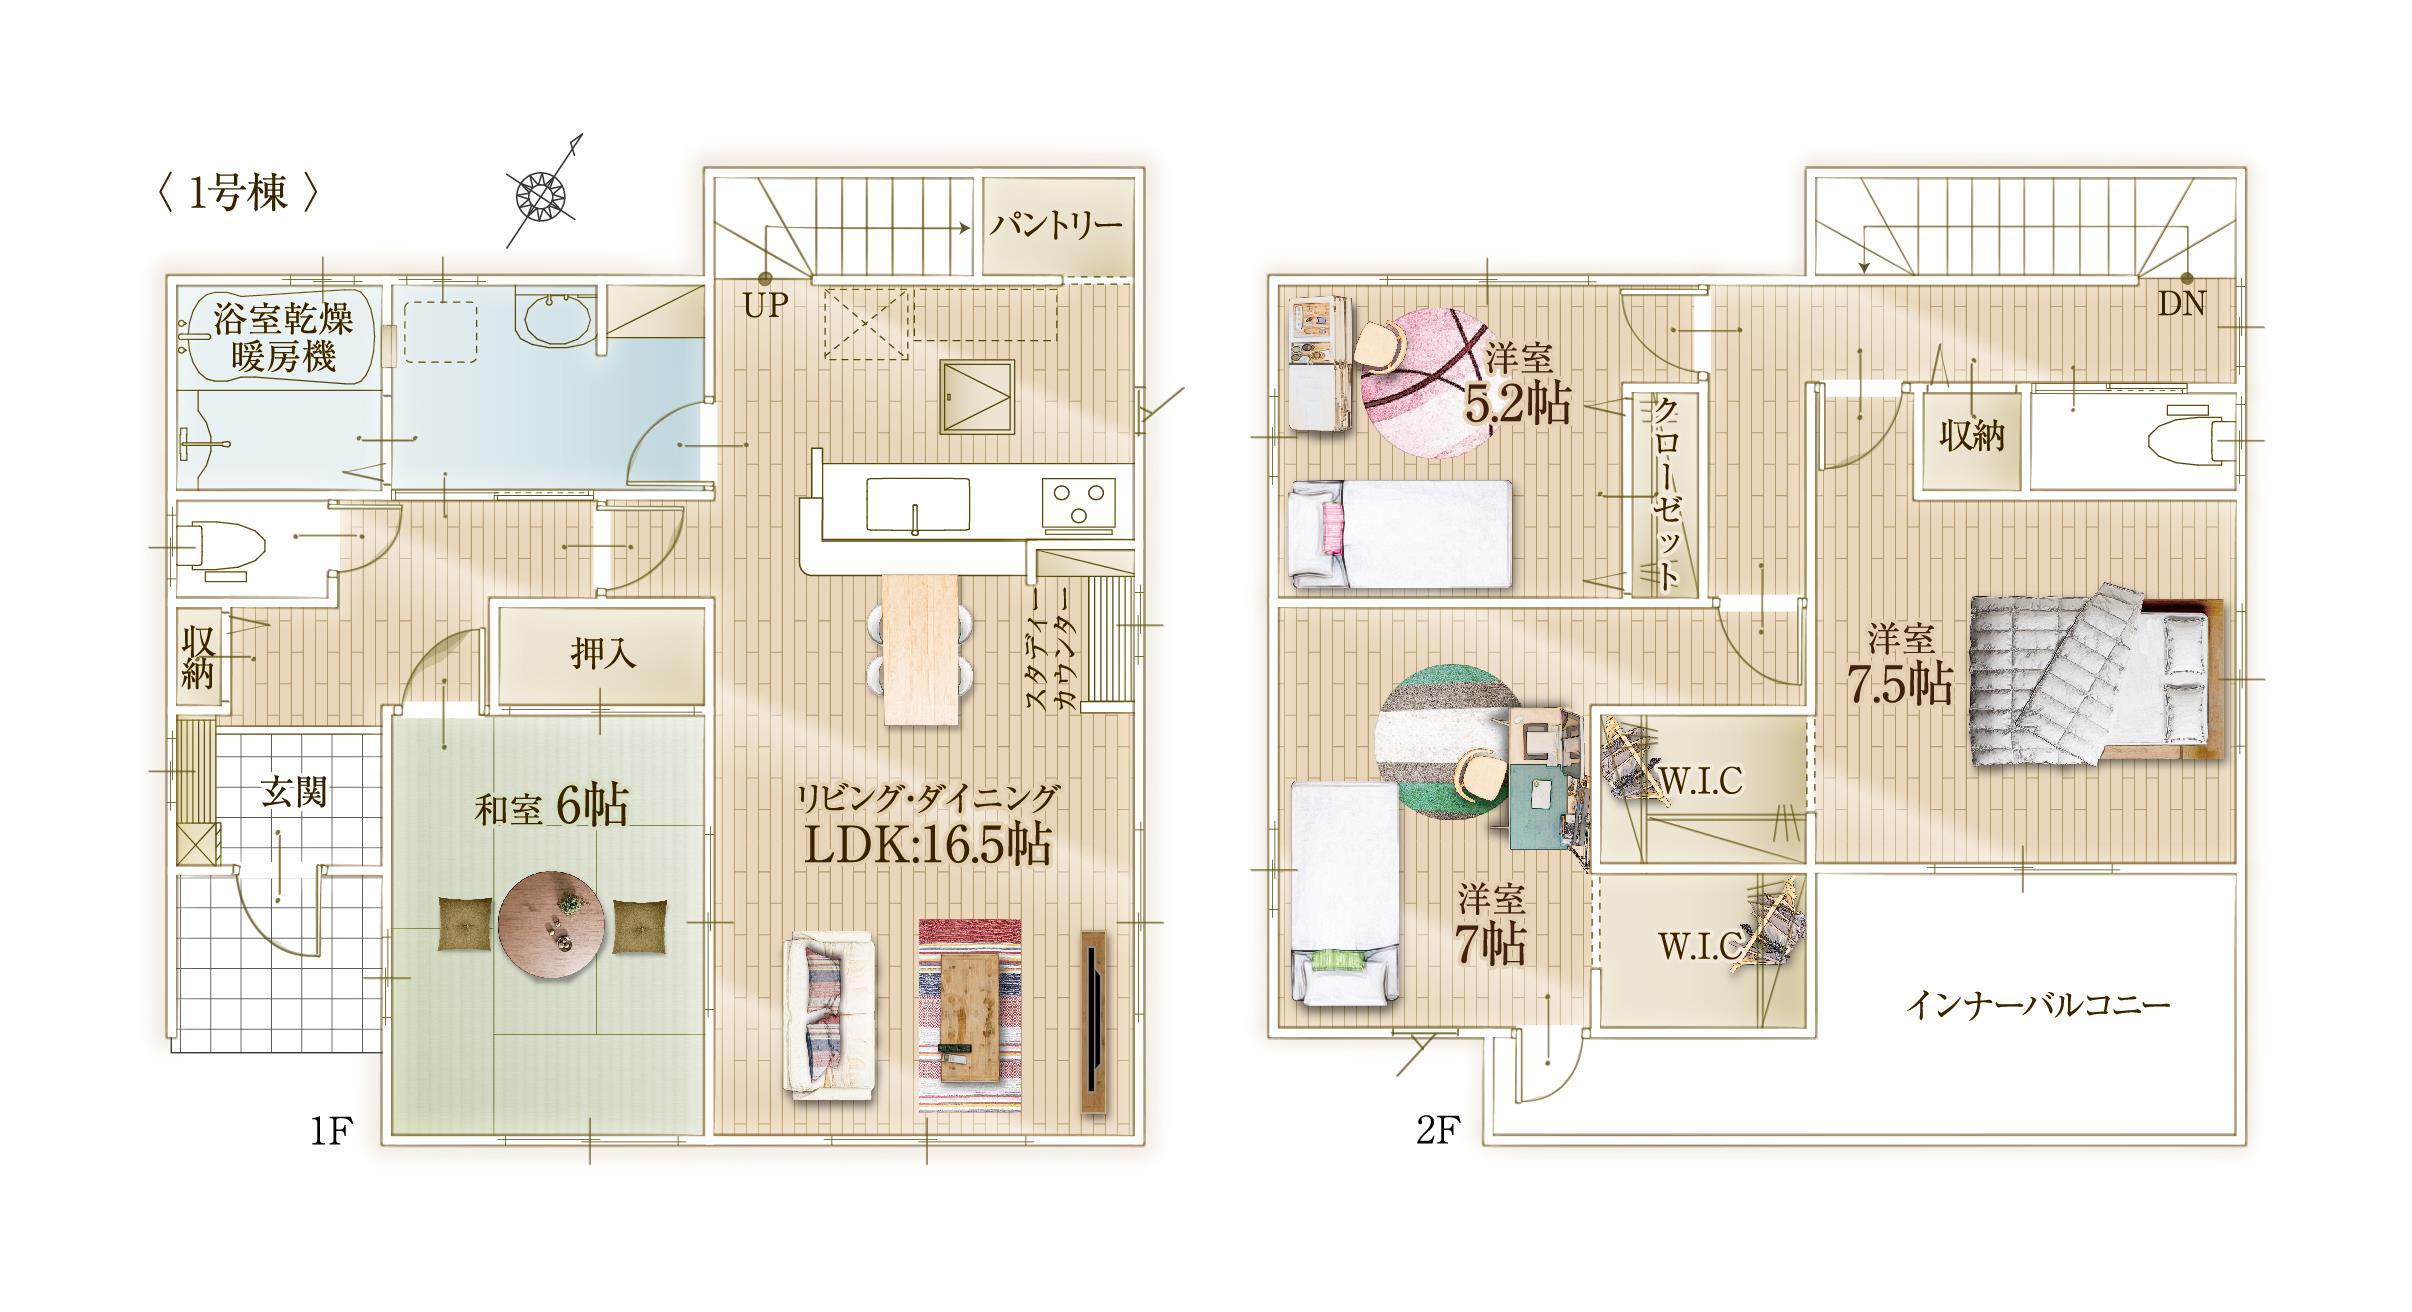 4LDK(33.06坪)